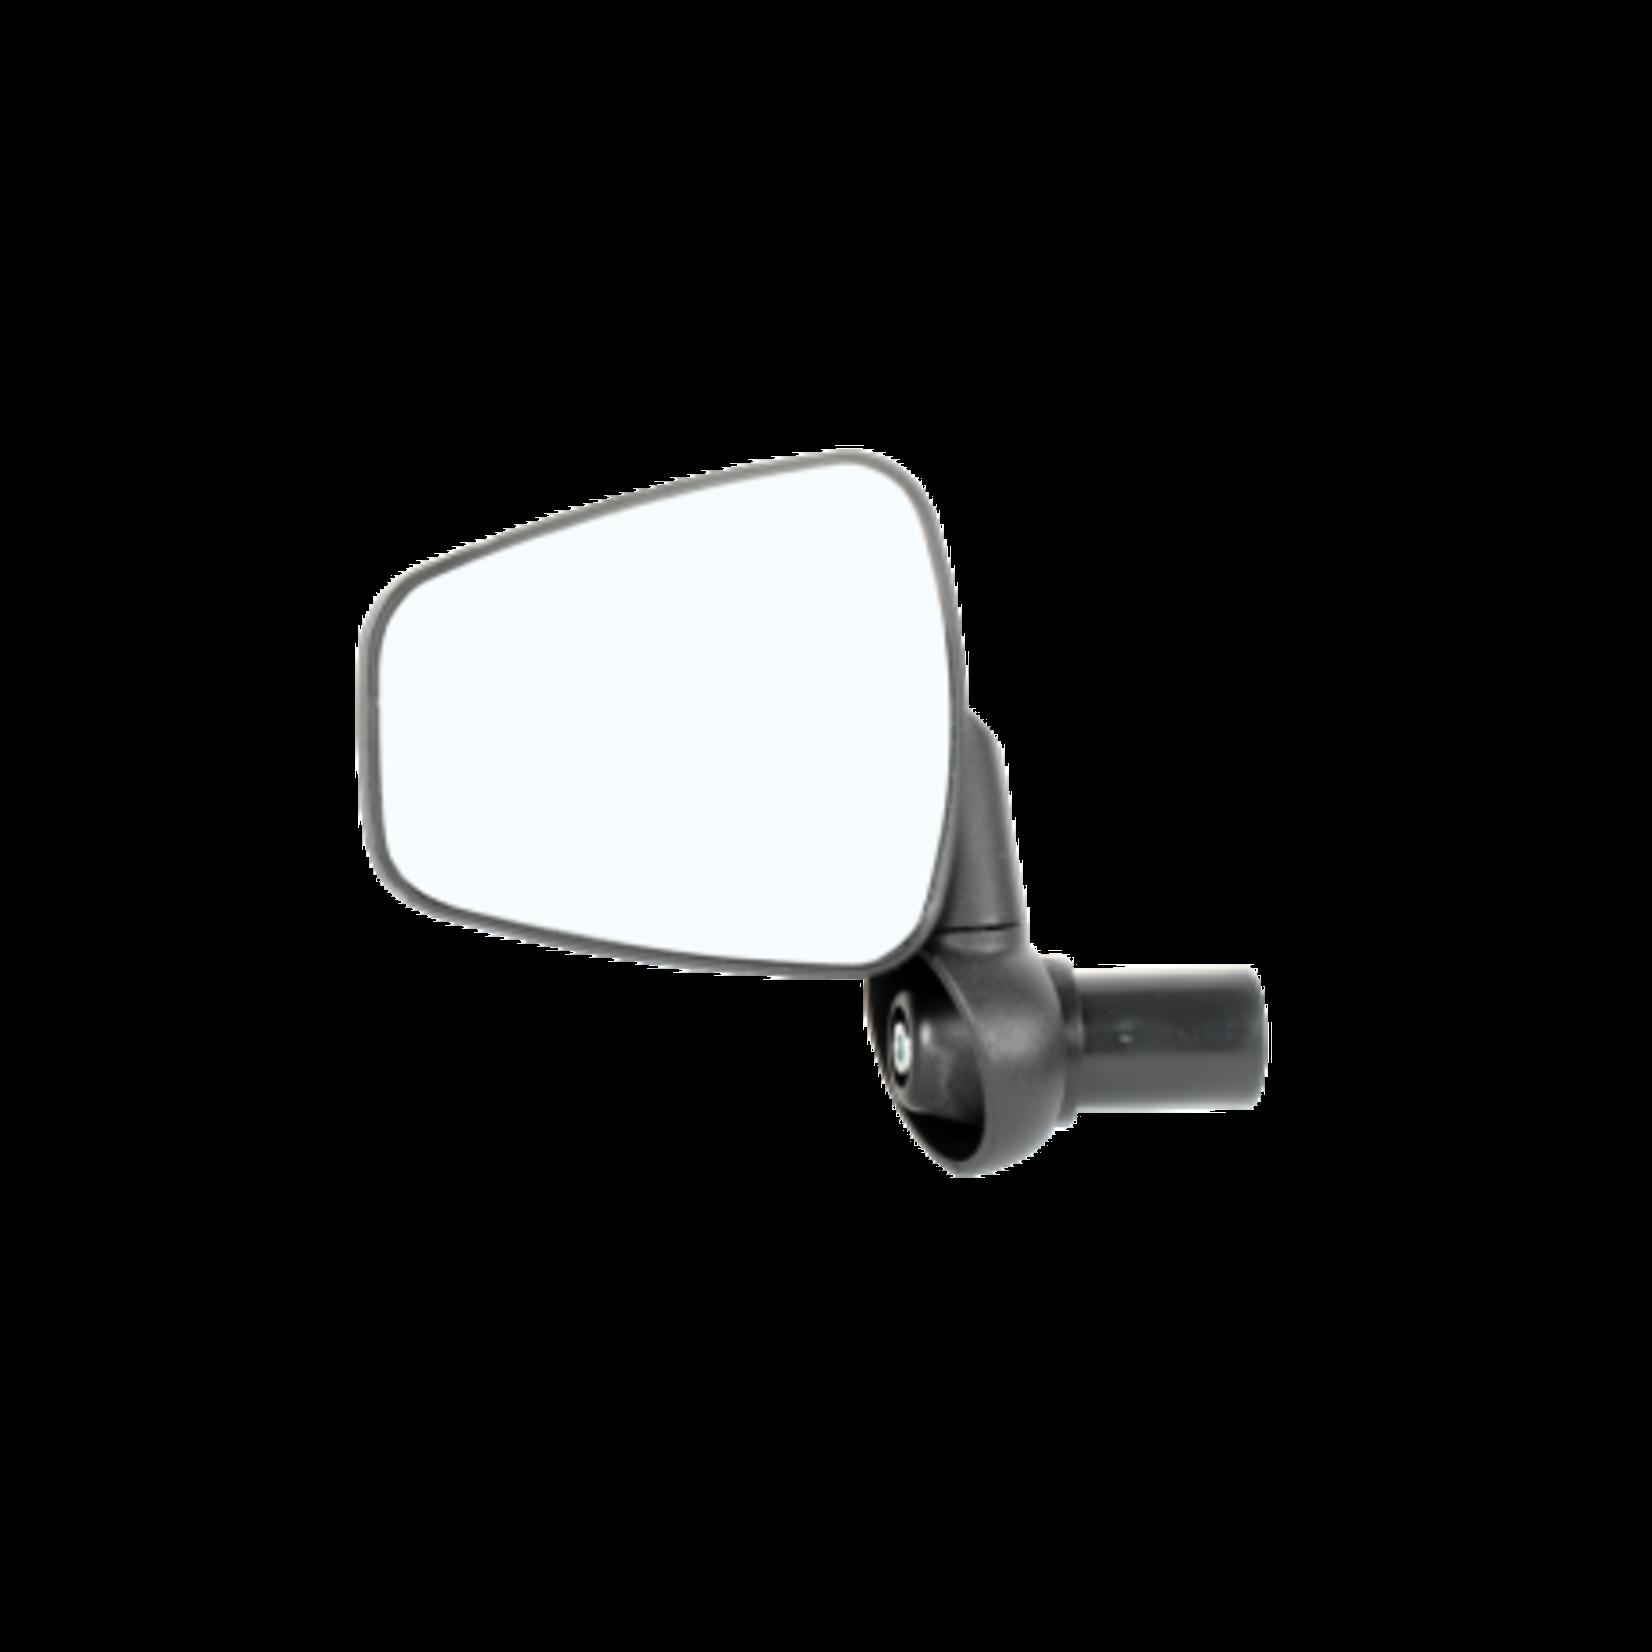 Zefal Zefal, Dooback 2, Mirror